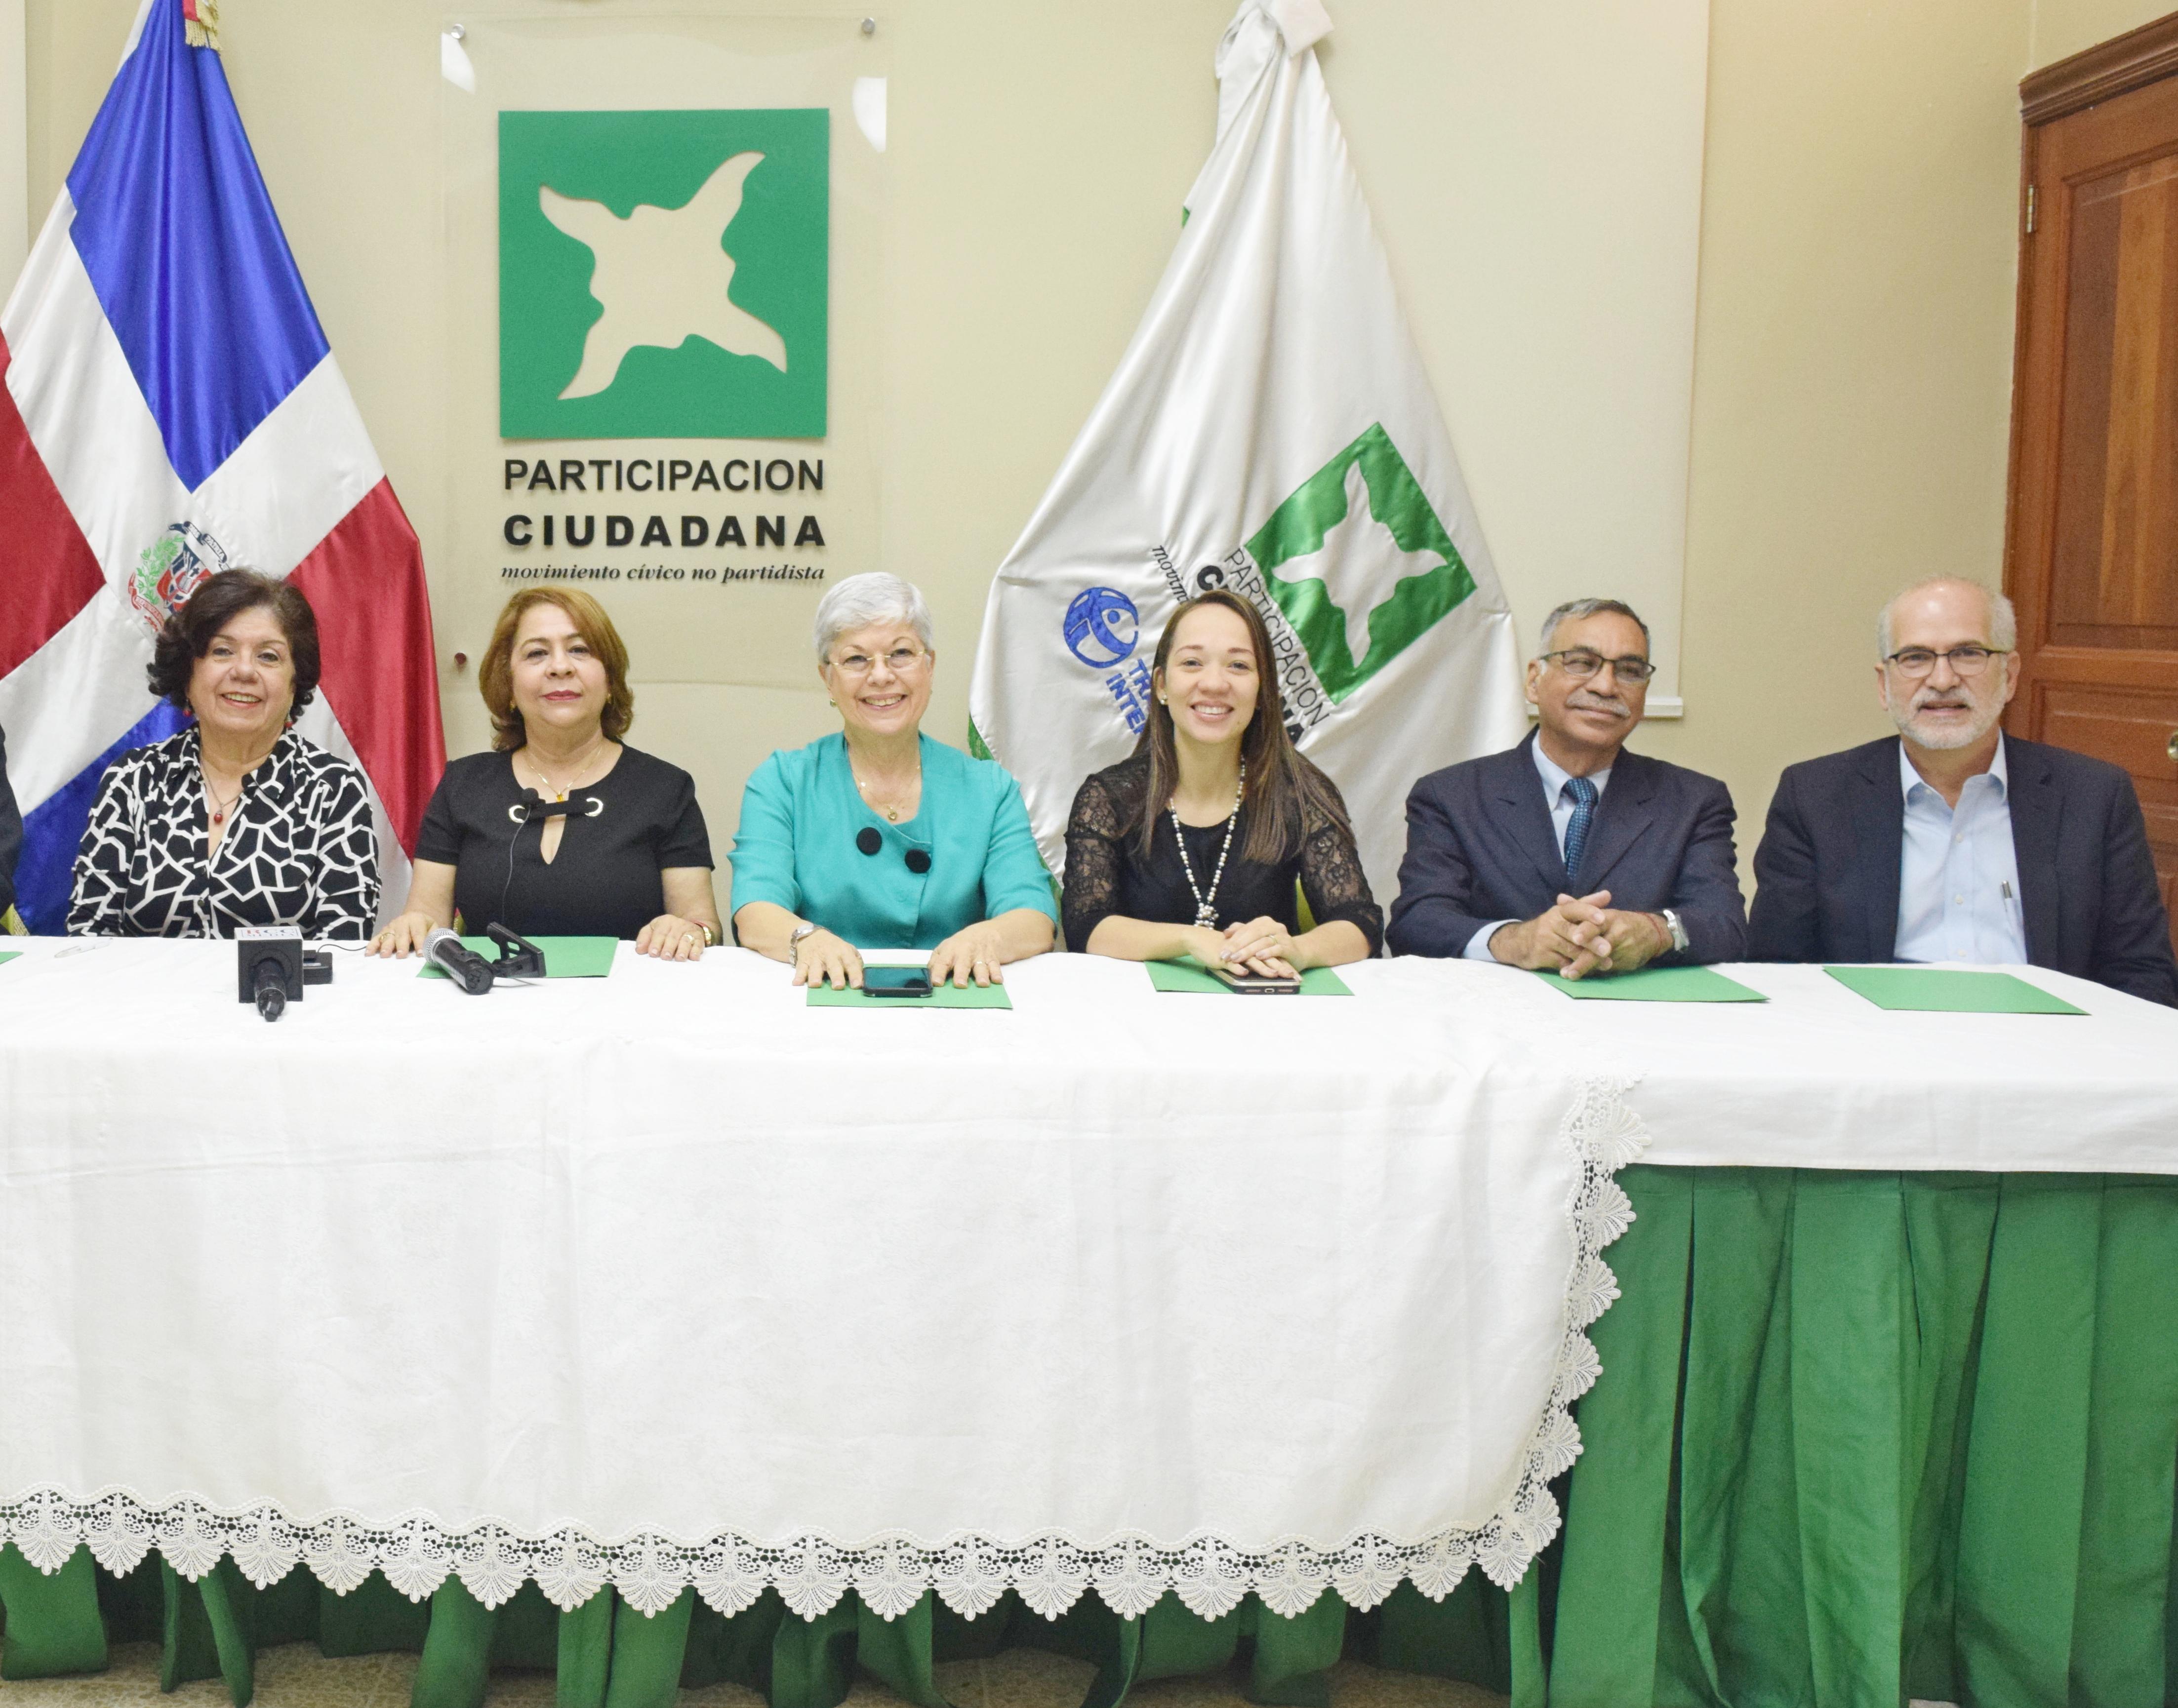 Participación Ciudadana demanda presupuesto justo para el Ministerio Público